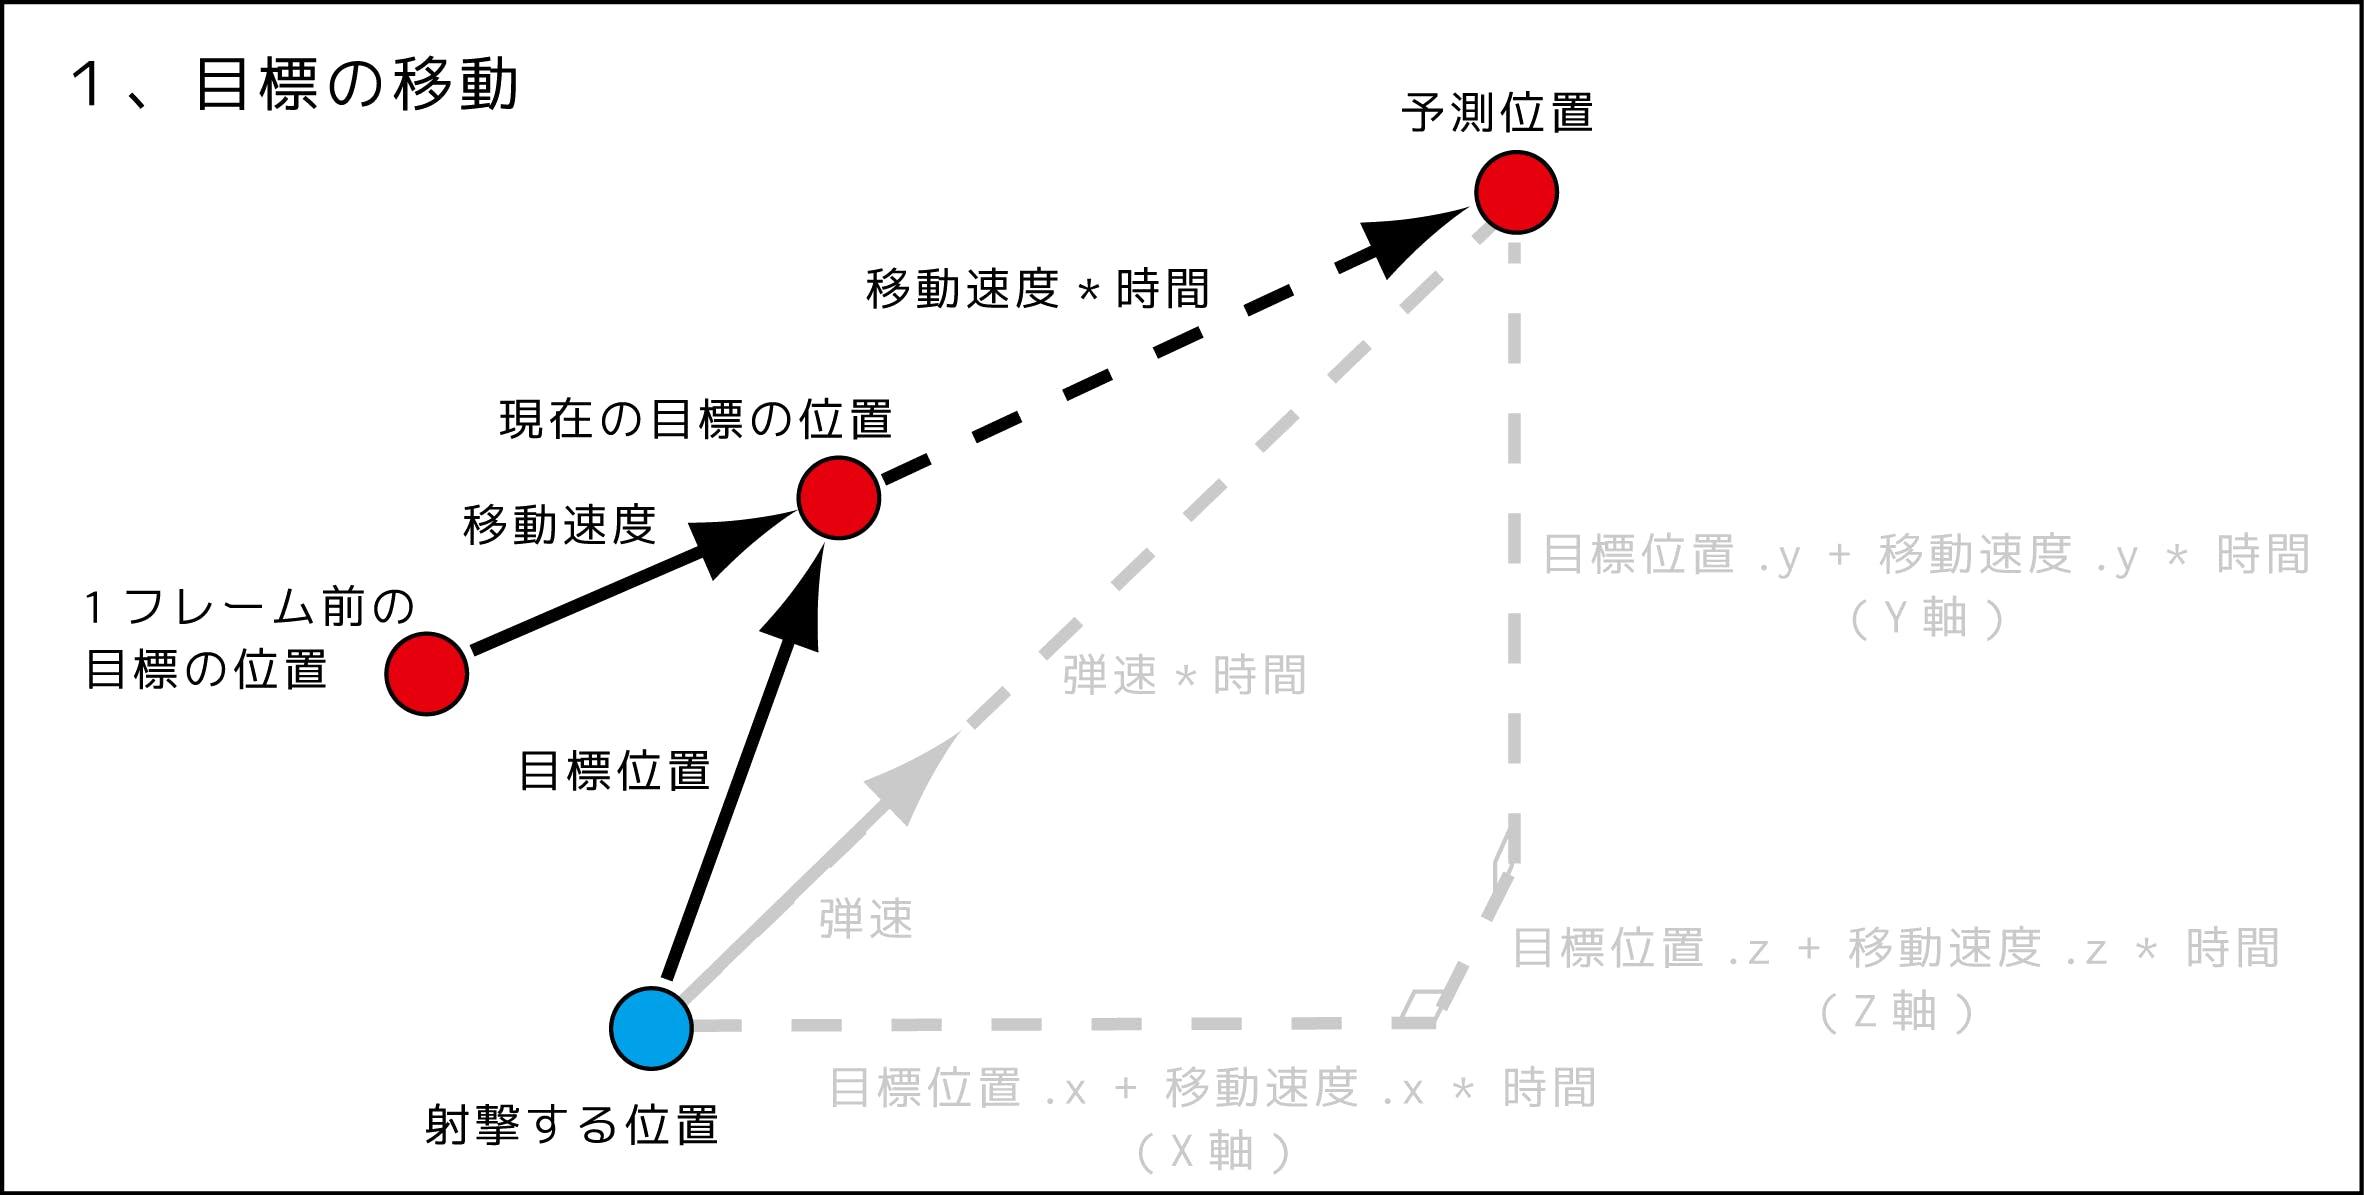 予測射撃図_181119_3